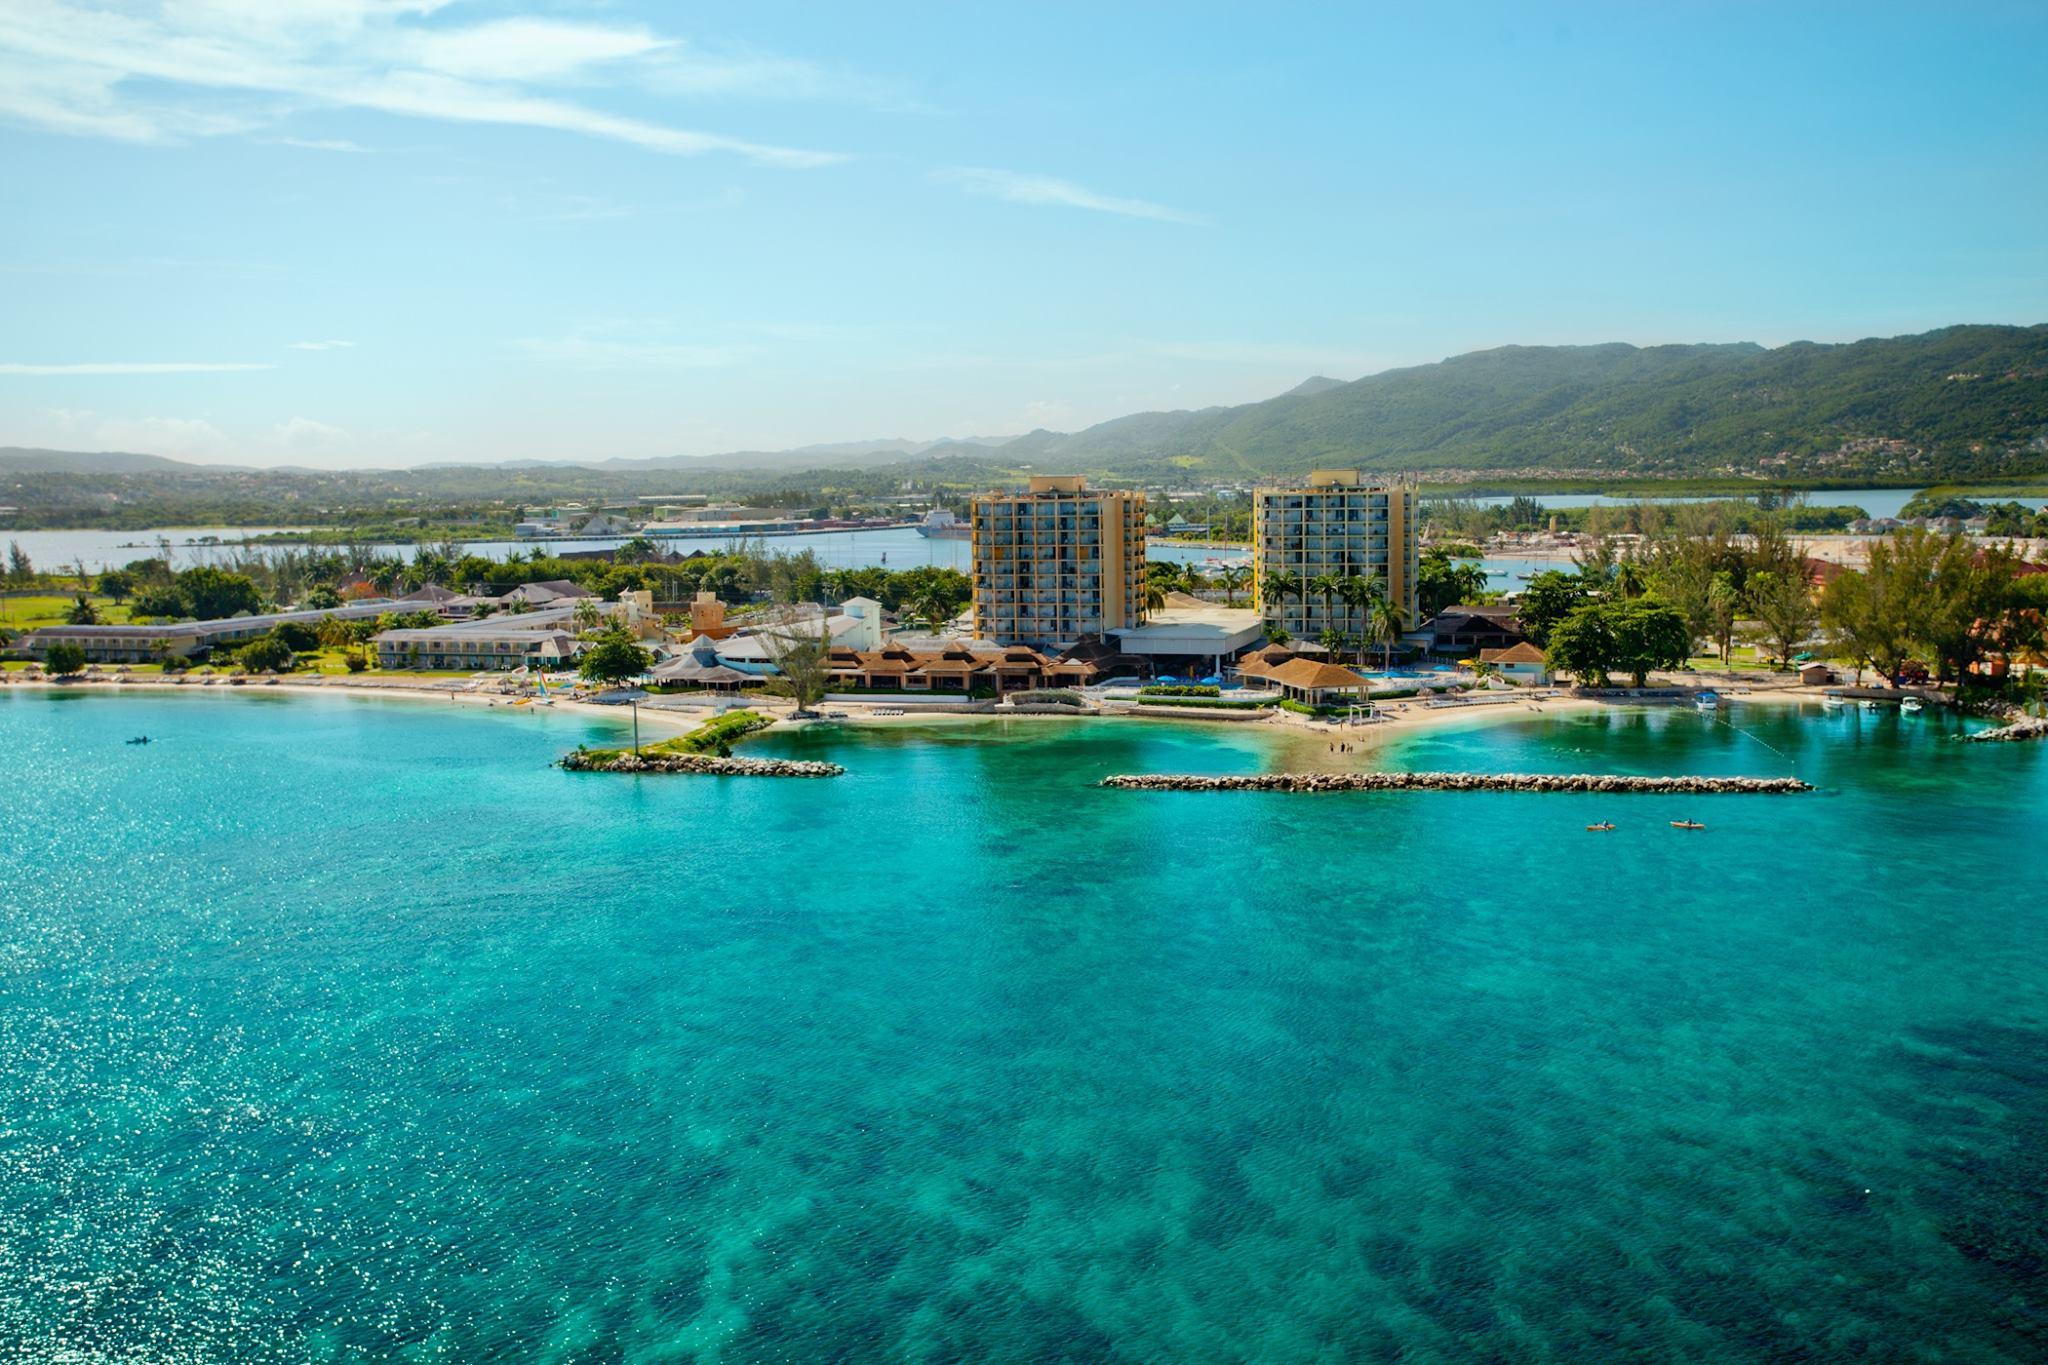 Resort clipart beach water Fabulous 3884846 1440697697 27 Need